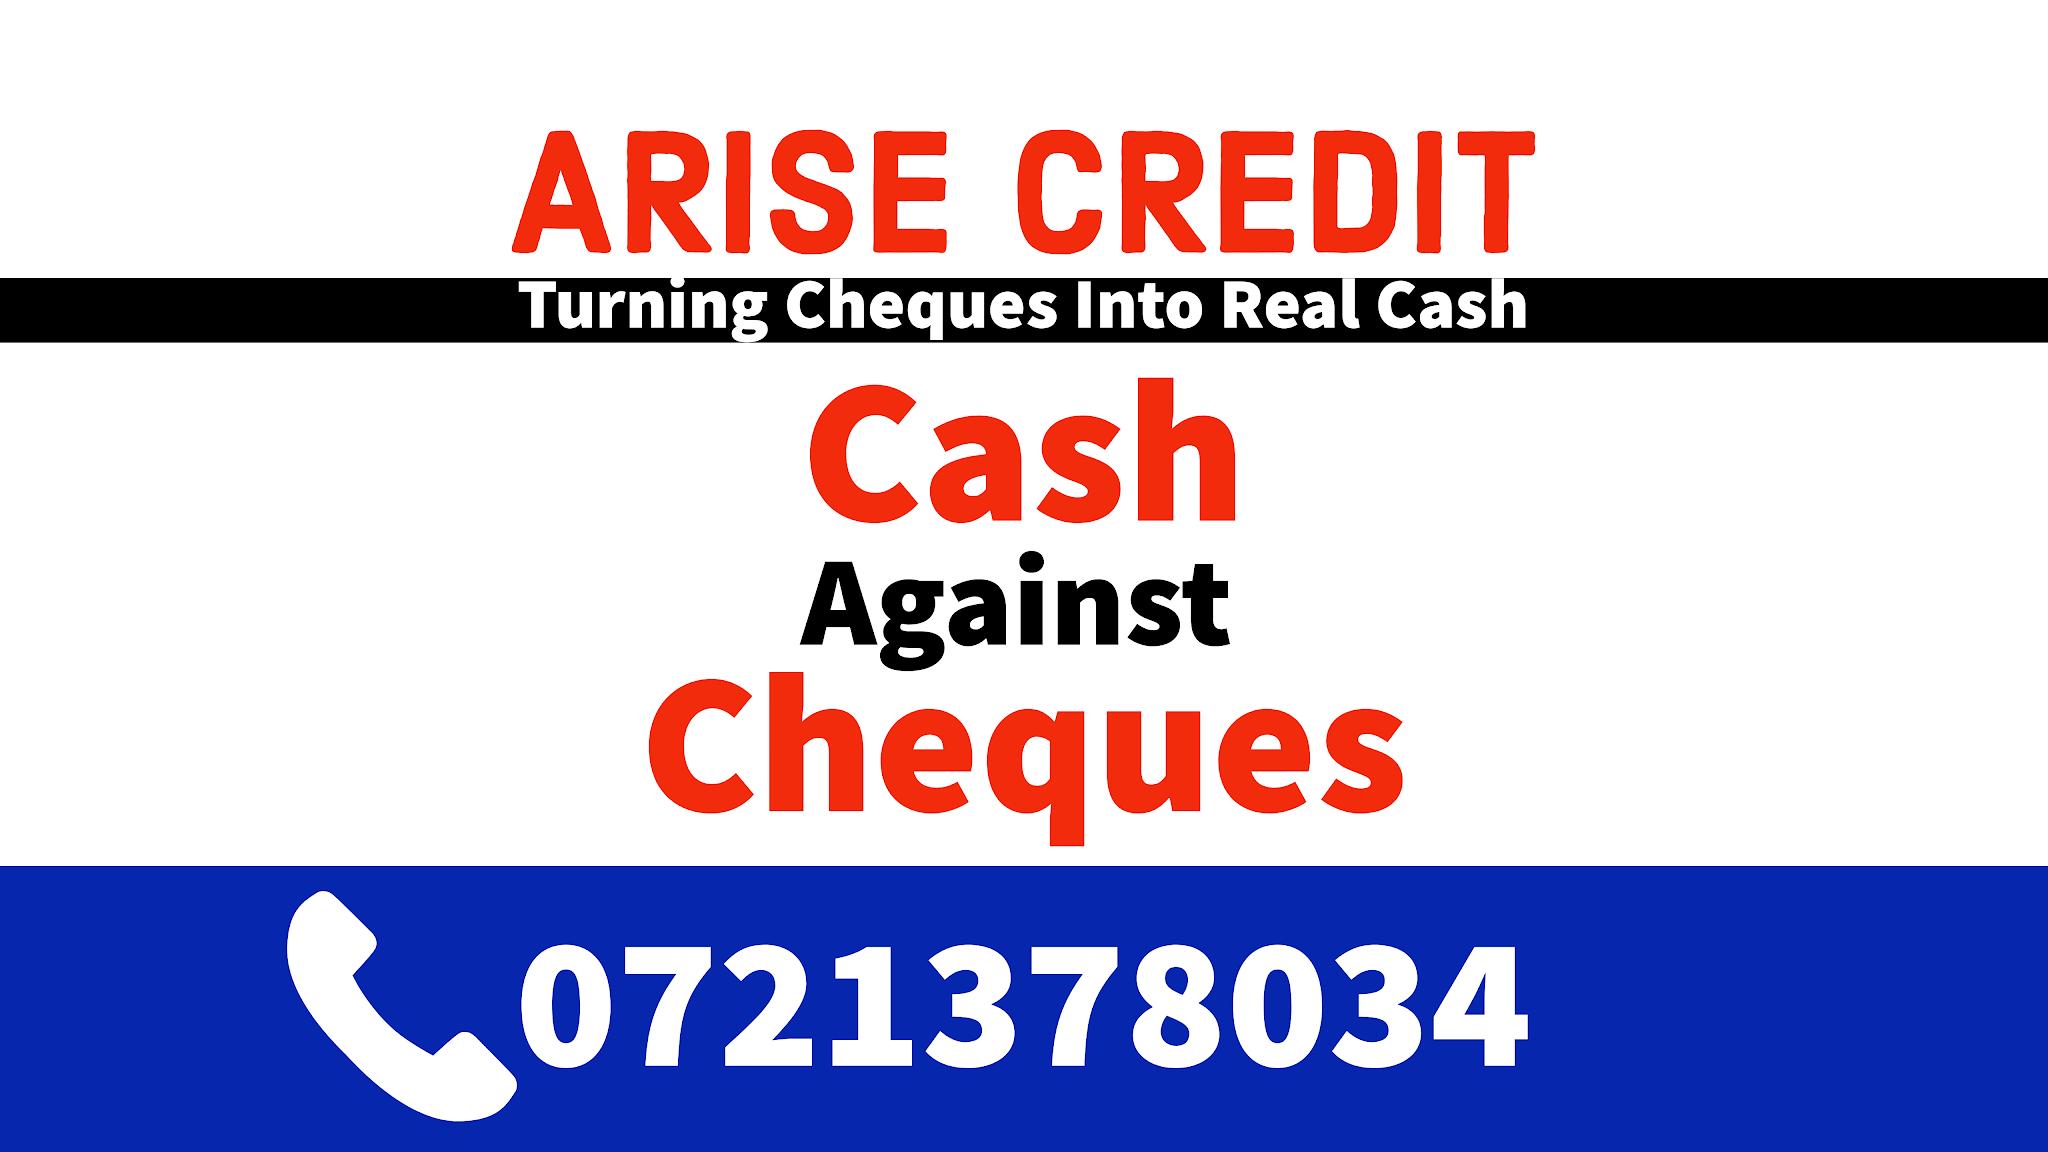 Arise Credit